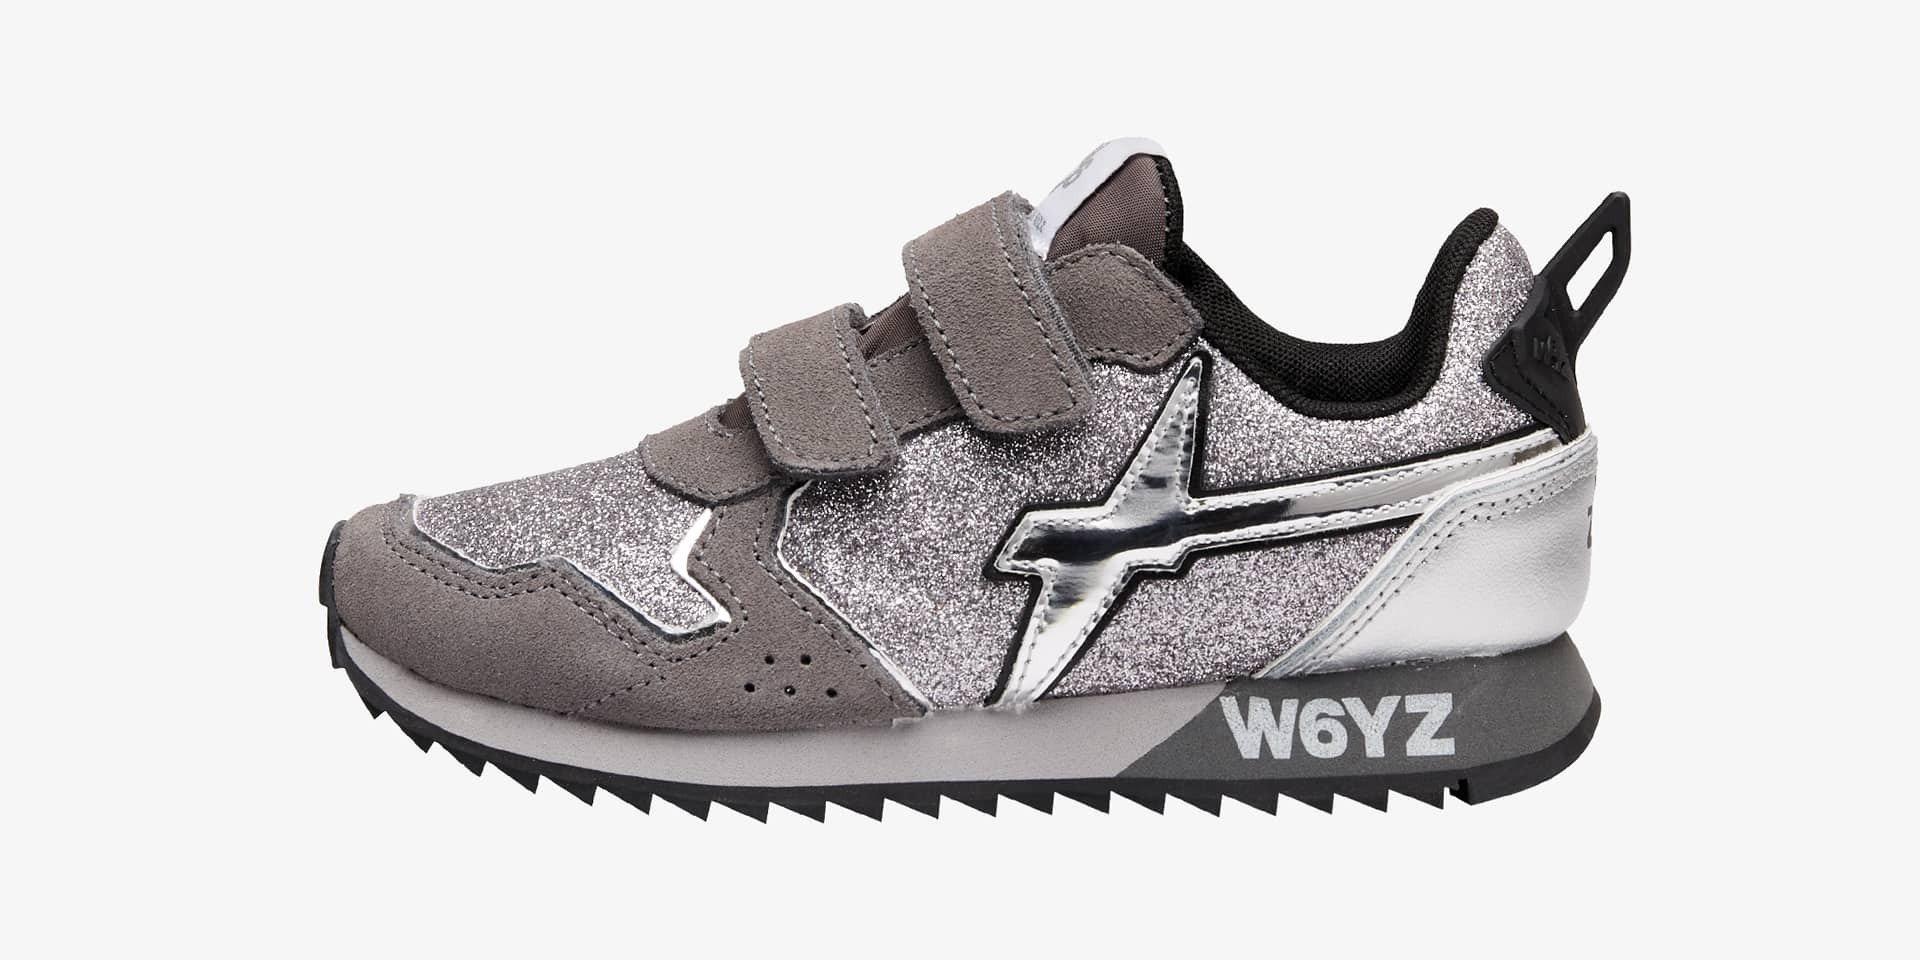 JET VL-J. - Sneaker in tessuto glitter e suede - Grigio/Argento